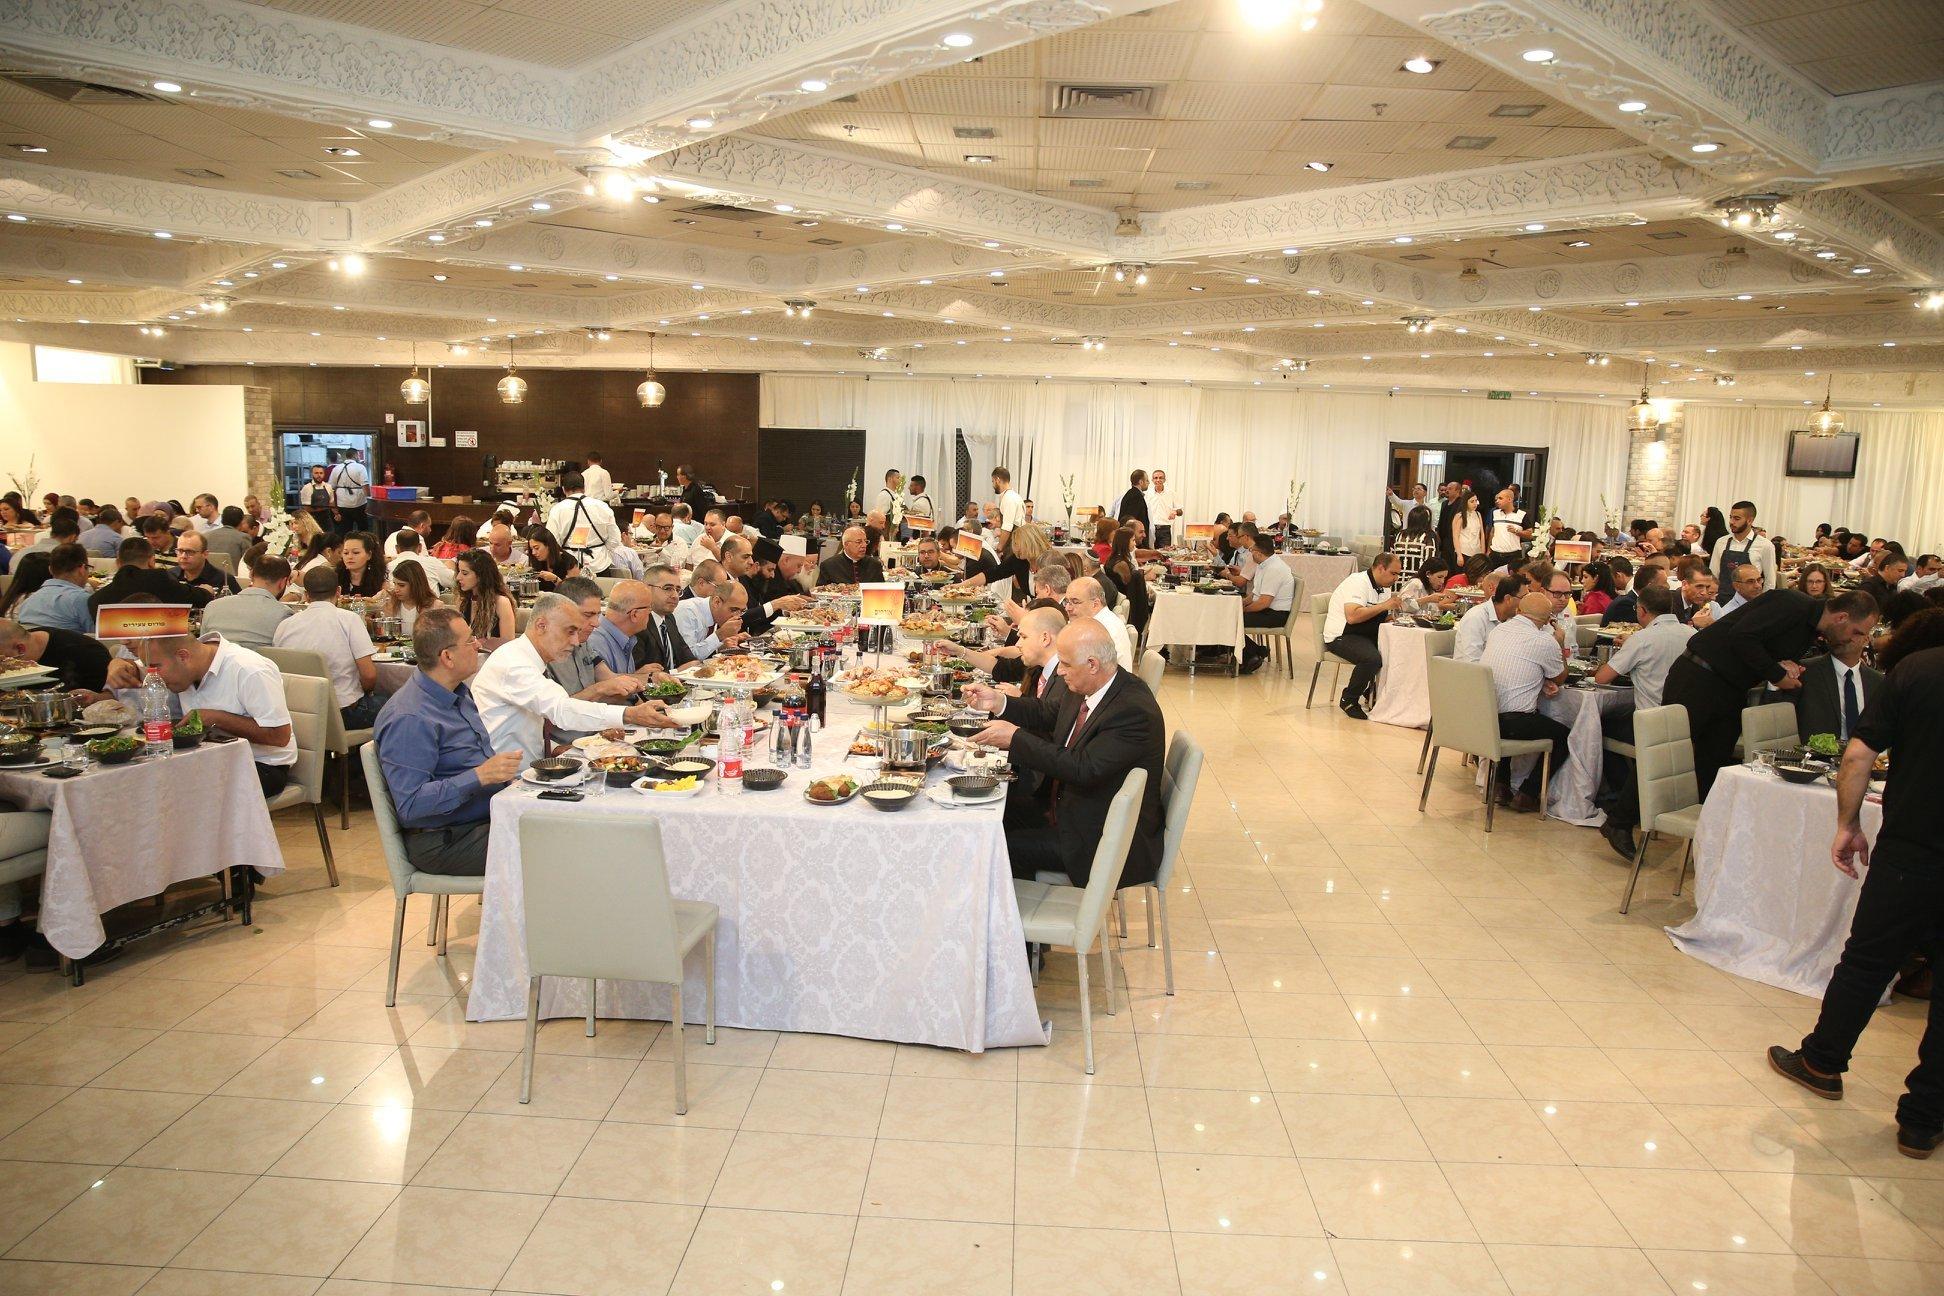 المئات من المحامين  والقضاة بالافطار الرمضاني للواء الشمال بنقابة المحامين